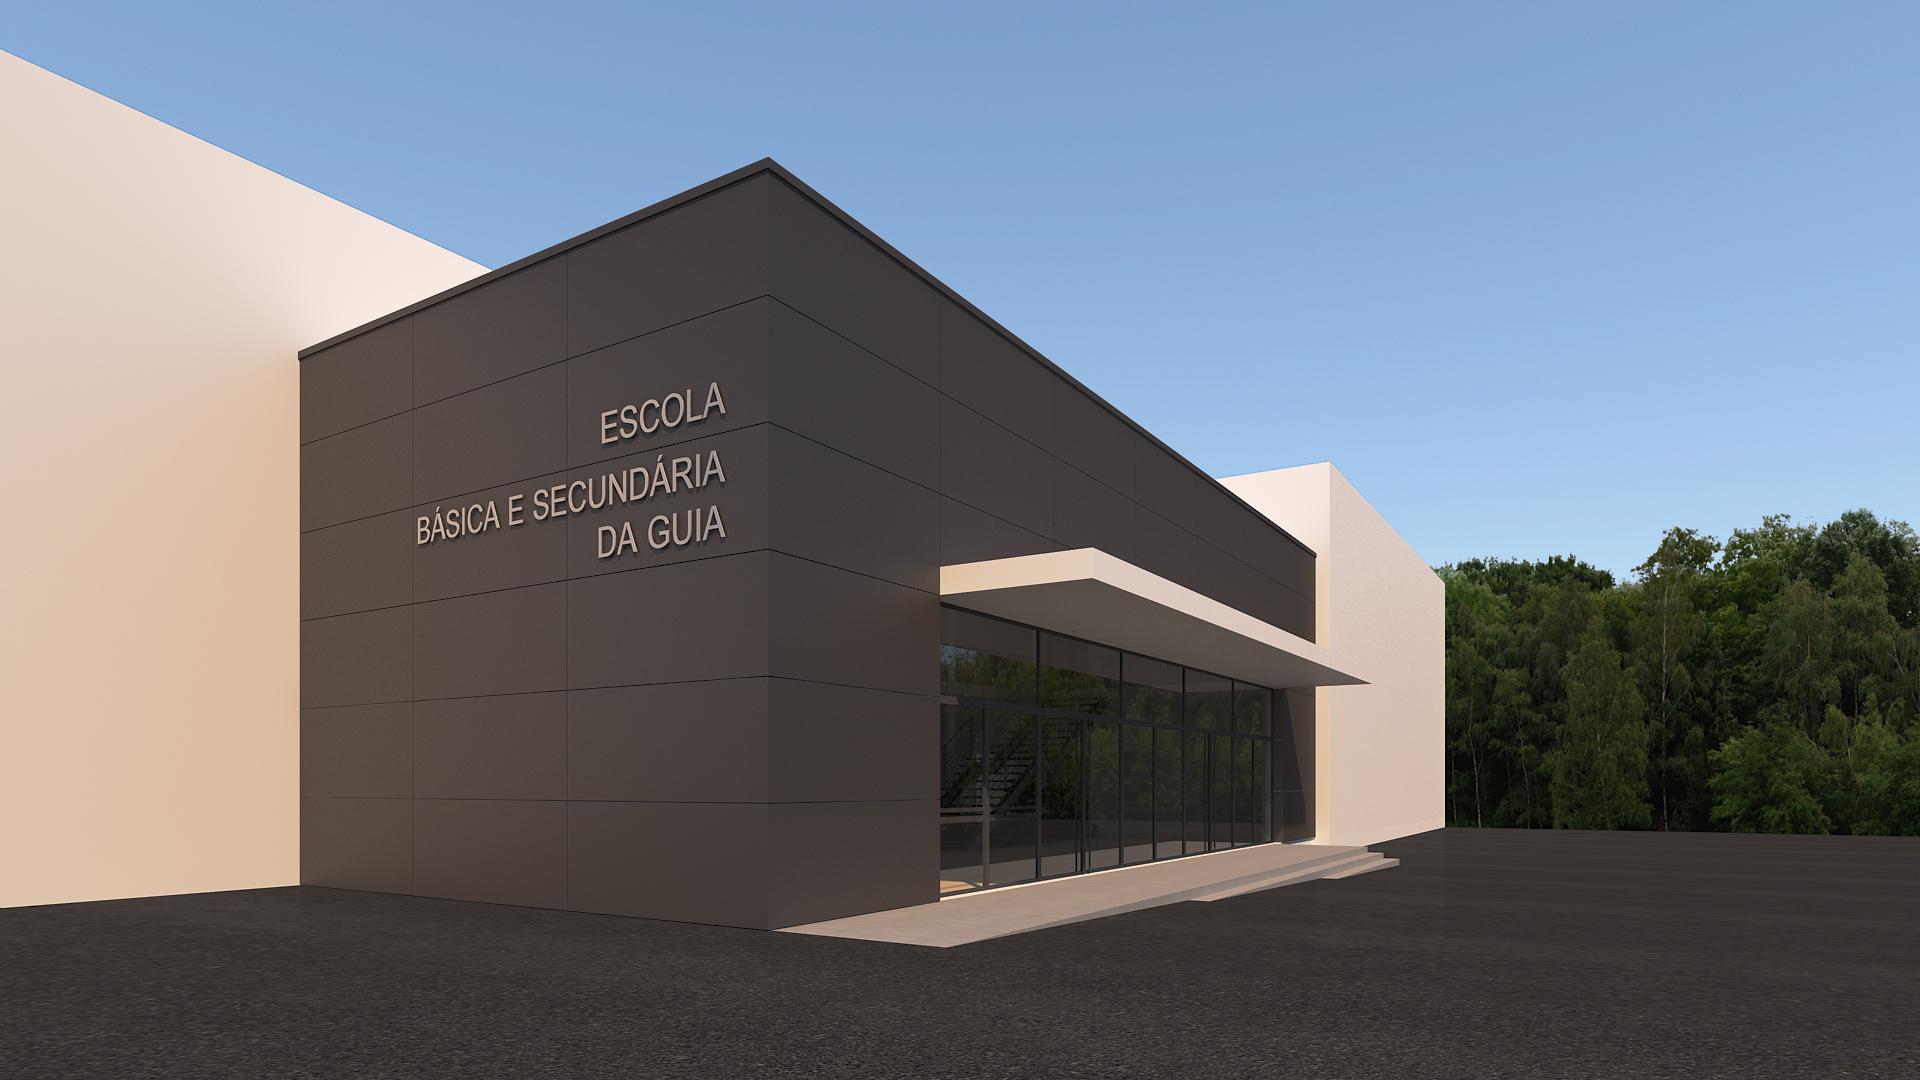 Central Projectos concluiu projeto de reabilitação da Escola Secundária da Guia